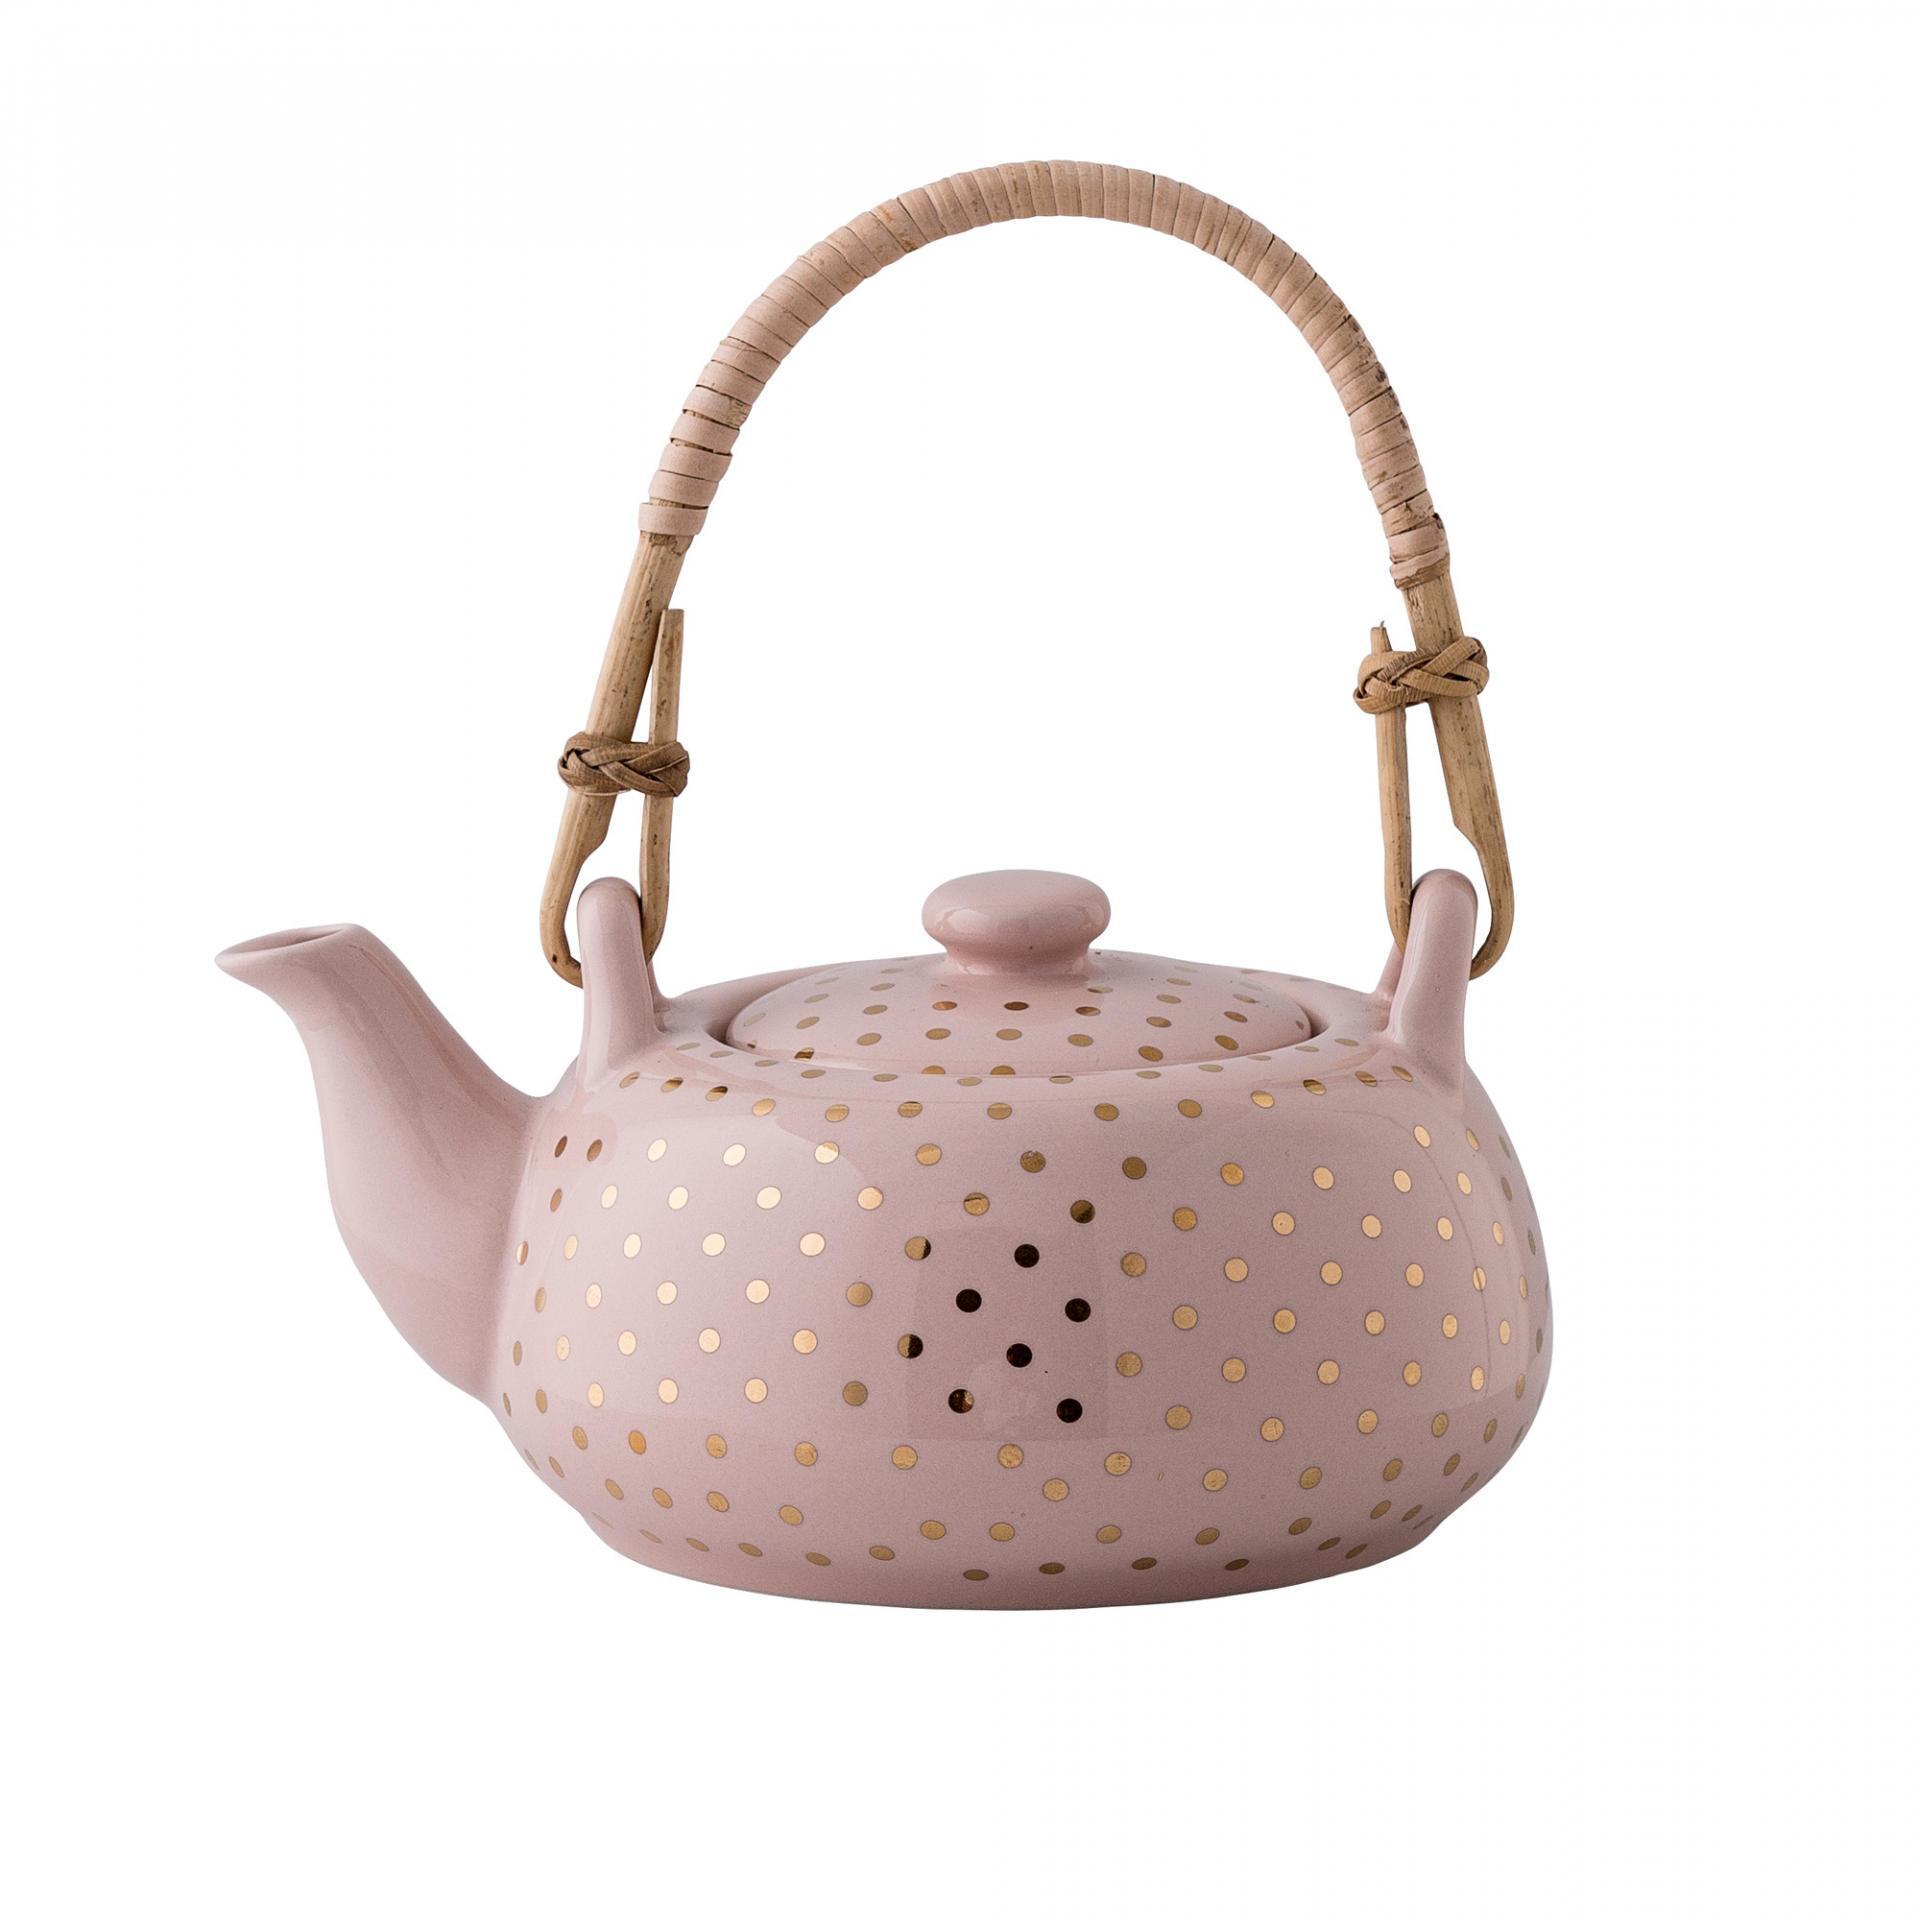 Bloomingville Čajová konvice Henrietta Gold dots, růžová barva, zlatá barva, keramika